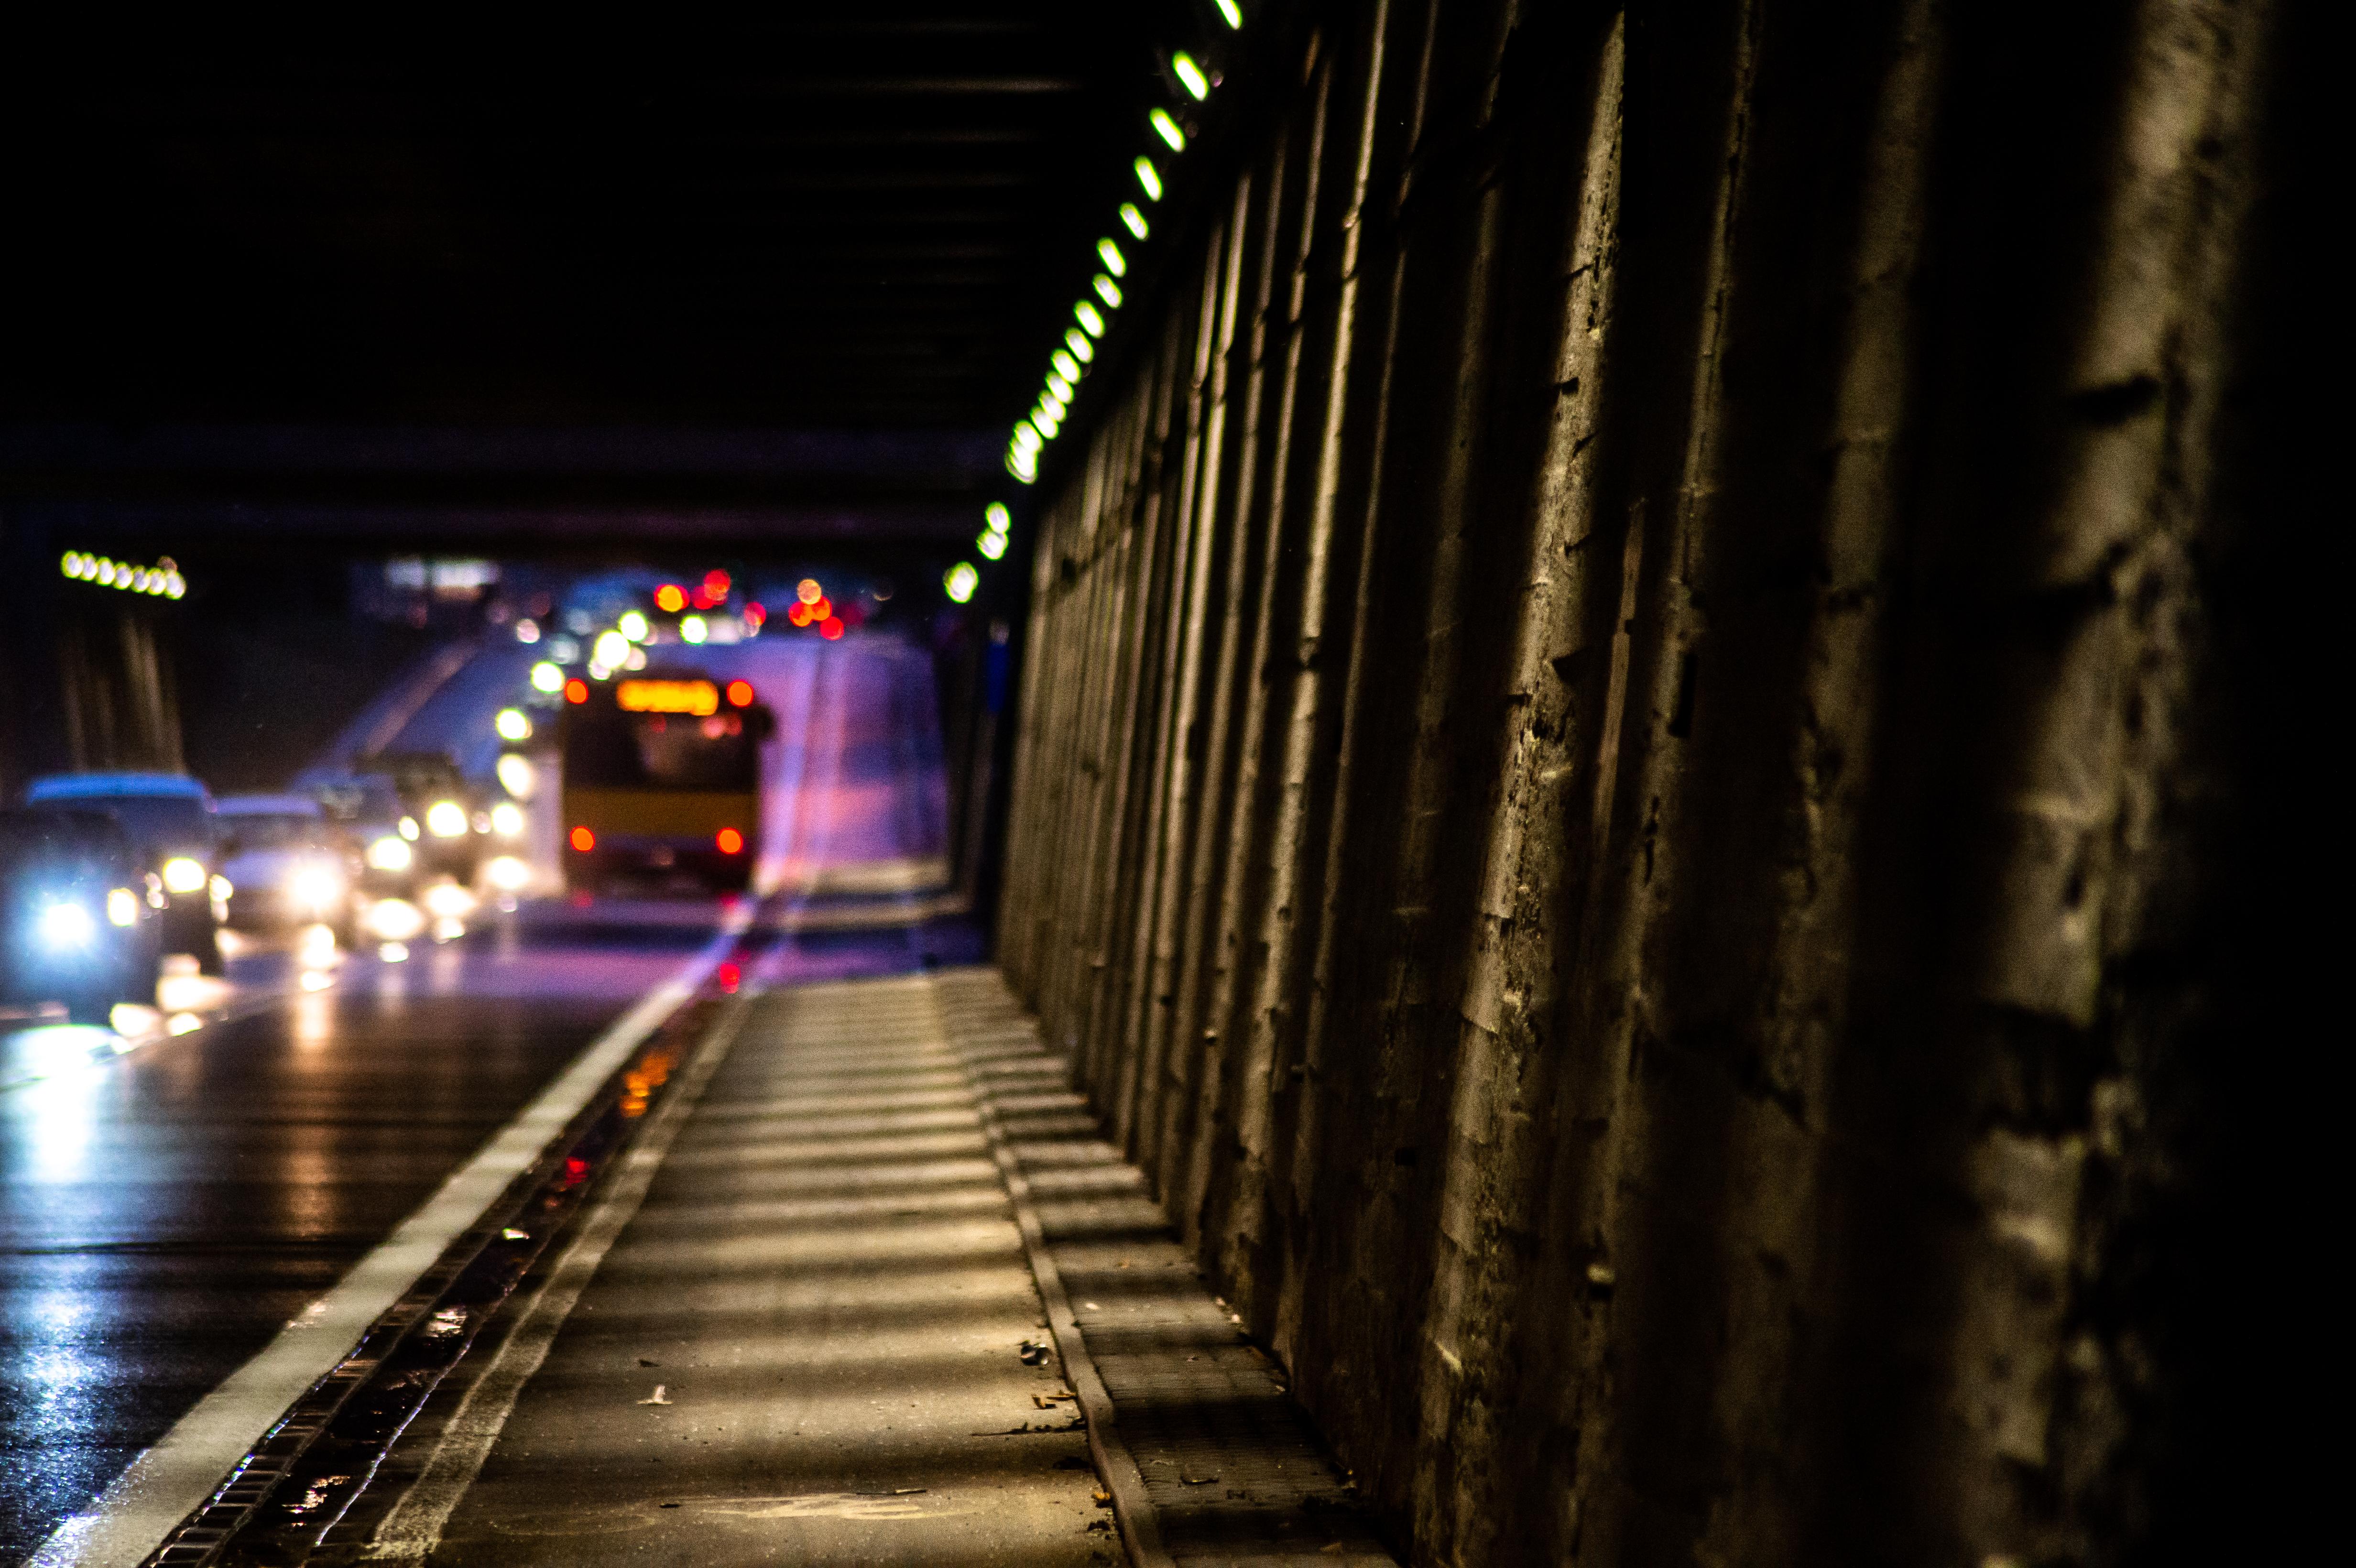 Nowe, energooszczędne oświetlenie w tunelu i wejściach na mosty